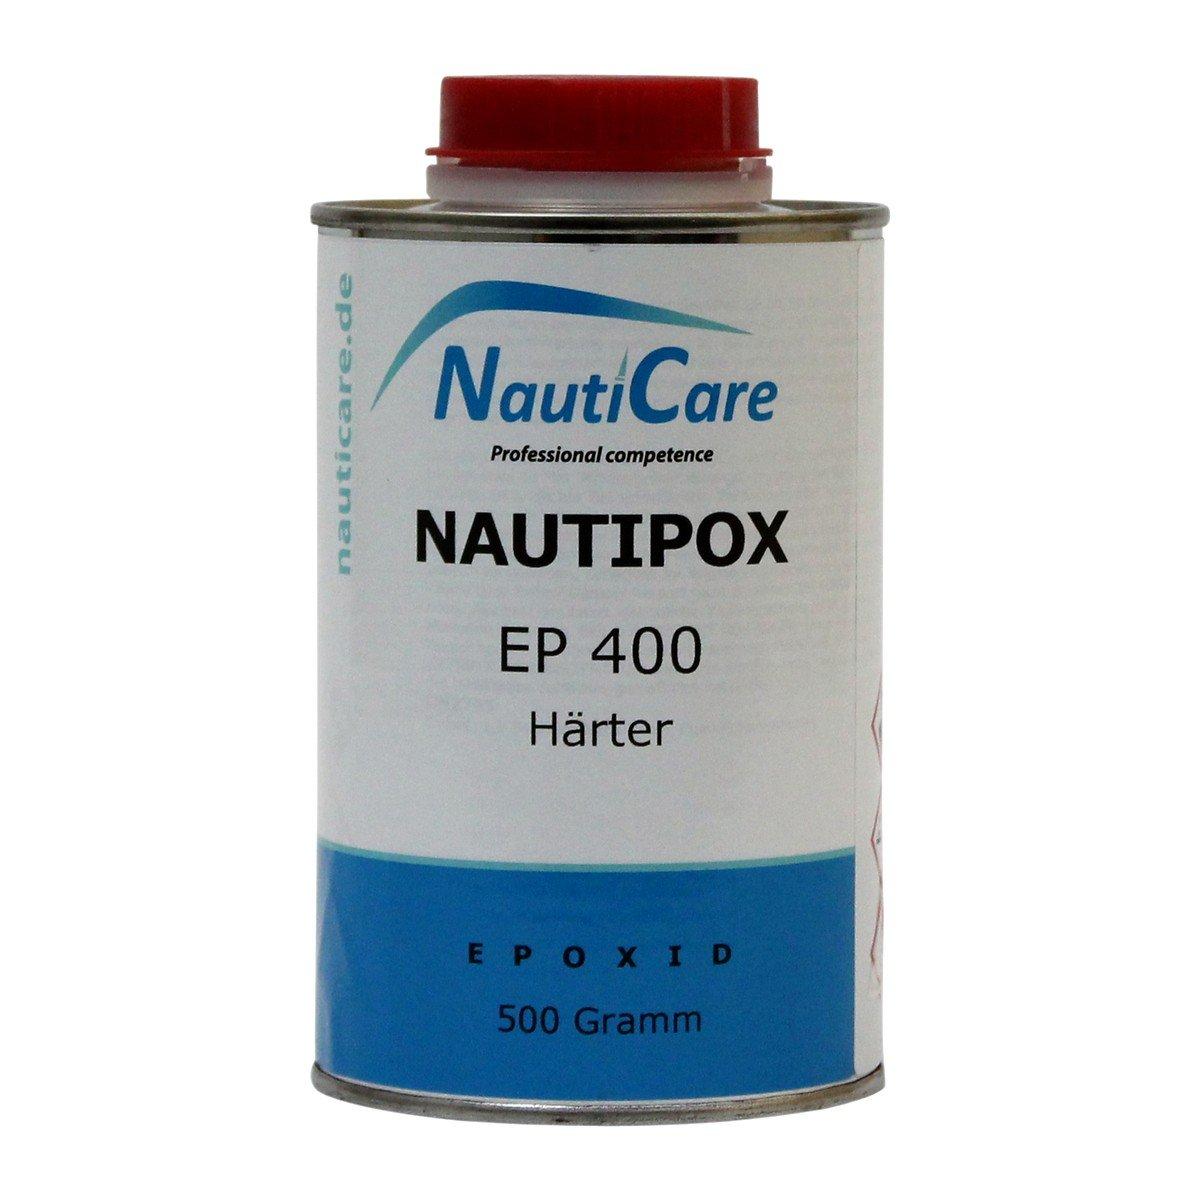 NautiCare NautiPox EP 400 Hä rter Schnell 500 g - Schnell-Hä rter fü r NautiPox EP 10, EP 20 und EP 30 Epoxidharz